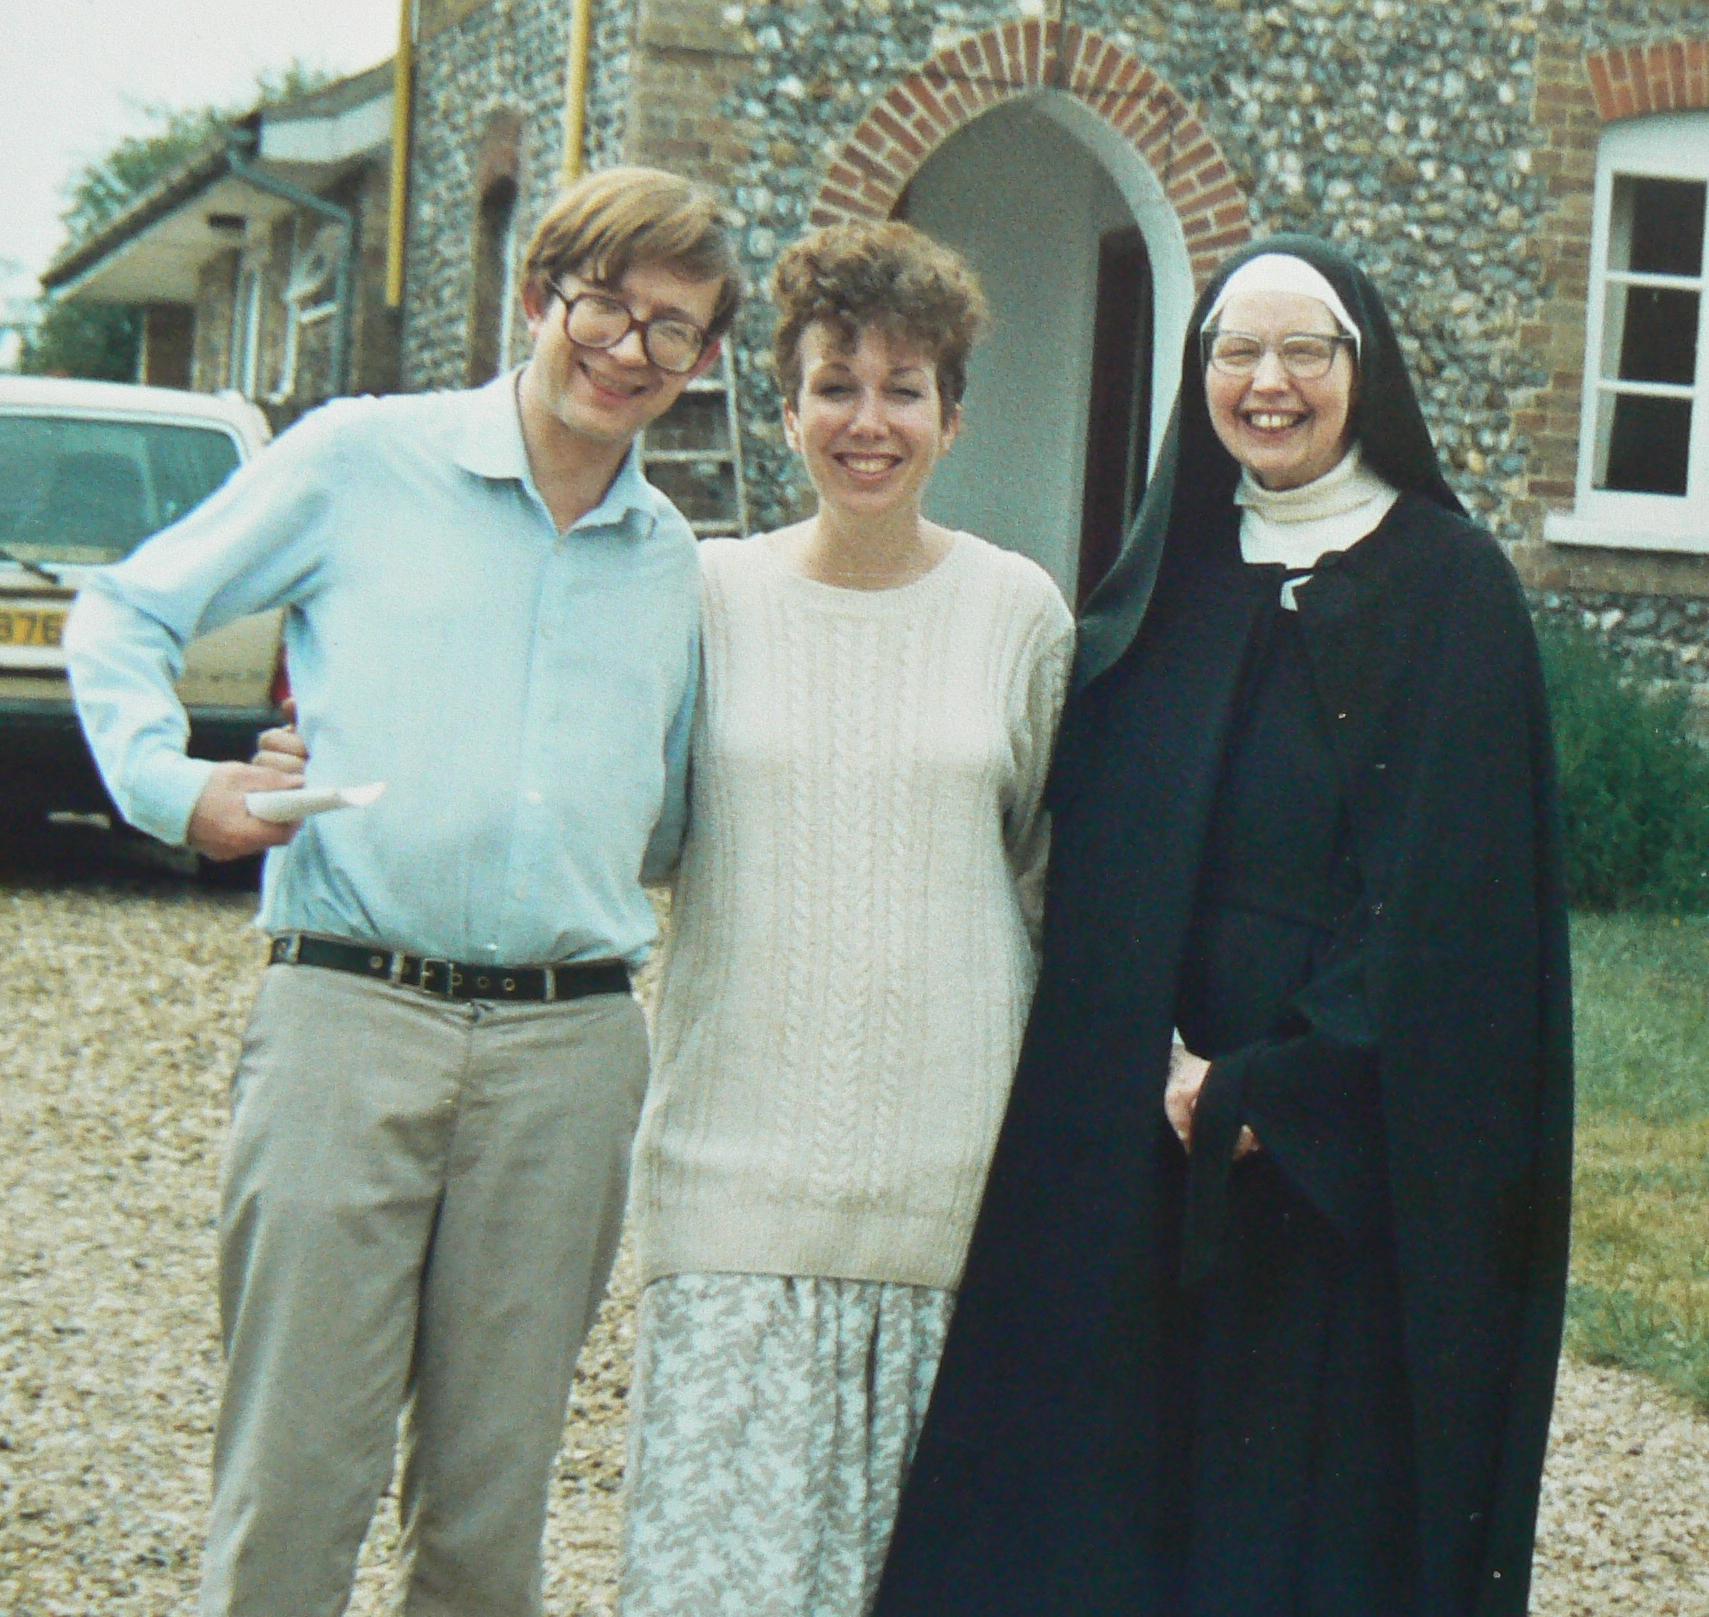 Peter Fuller, Stephanie Burns, Sister Wendy Beckett